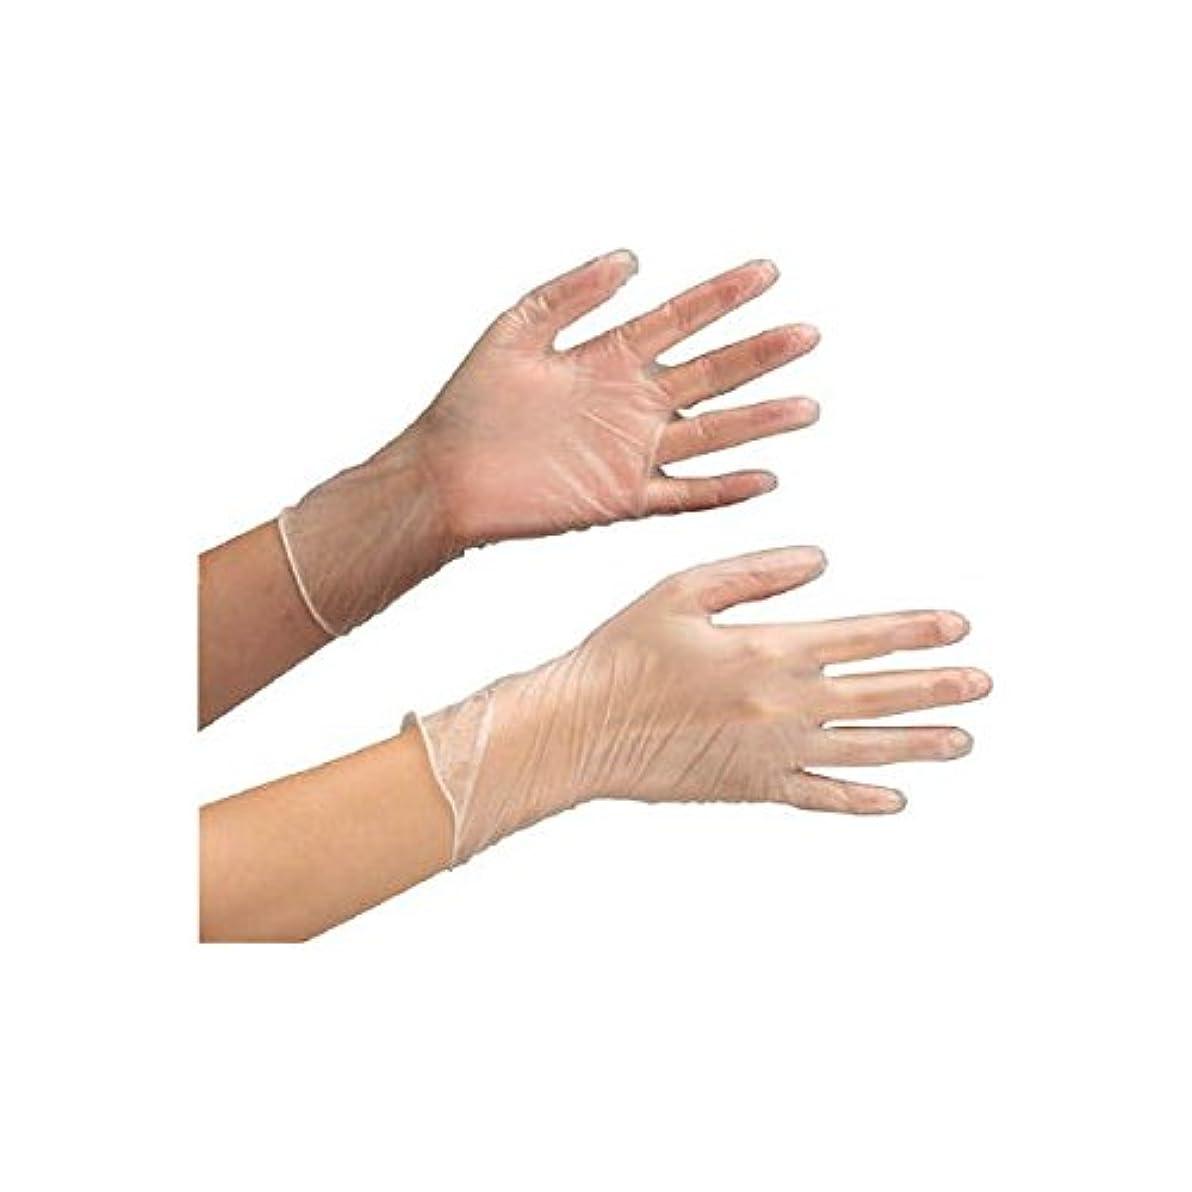 アスリート豊かなファッションミドリ安全/ミドリ安全 塩化ビニール製 使い捨て手袋 粉付 100枚入 SS(3889394) VERTE-853-SS [その他]